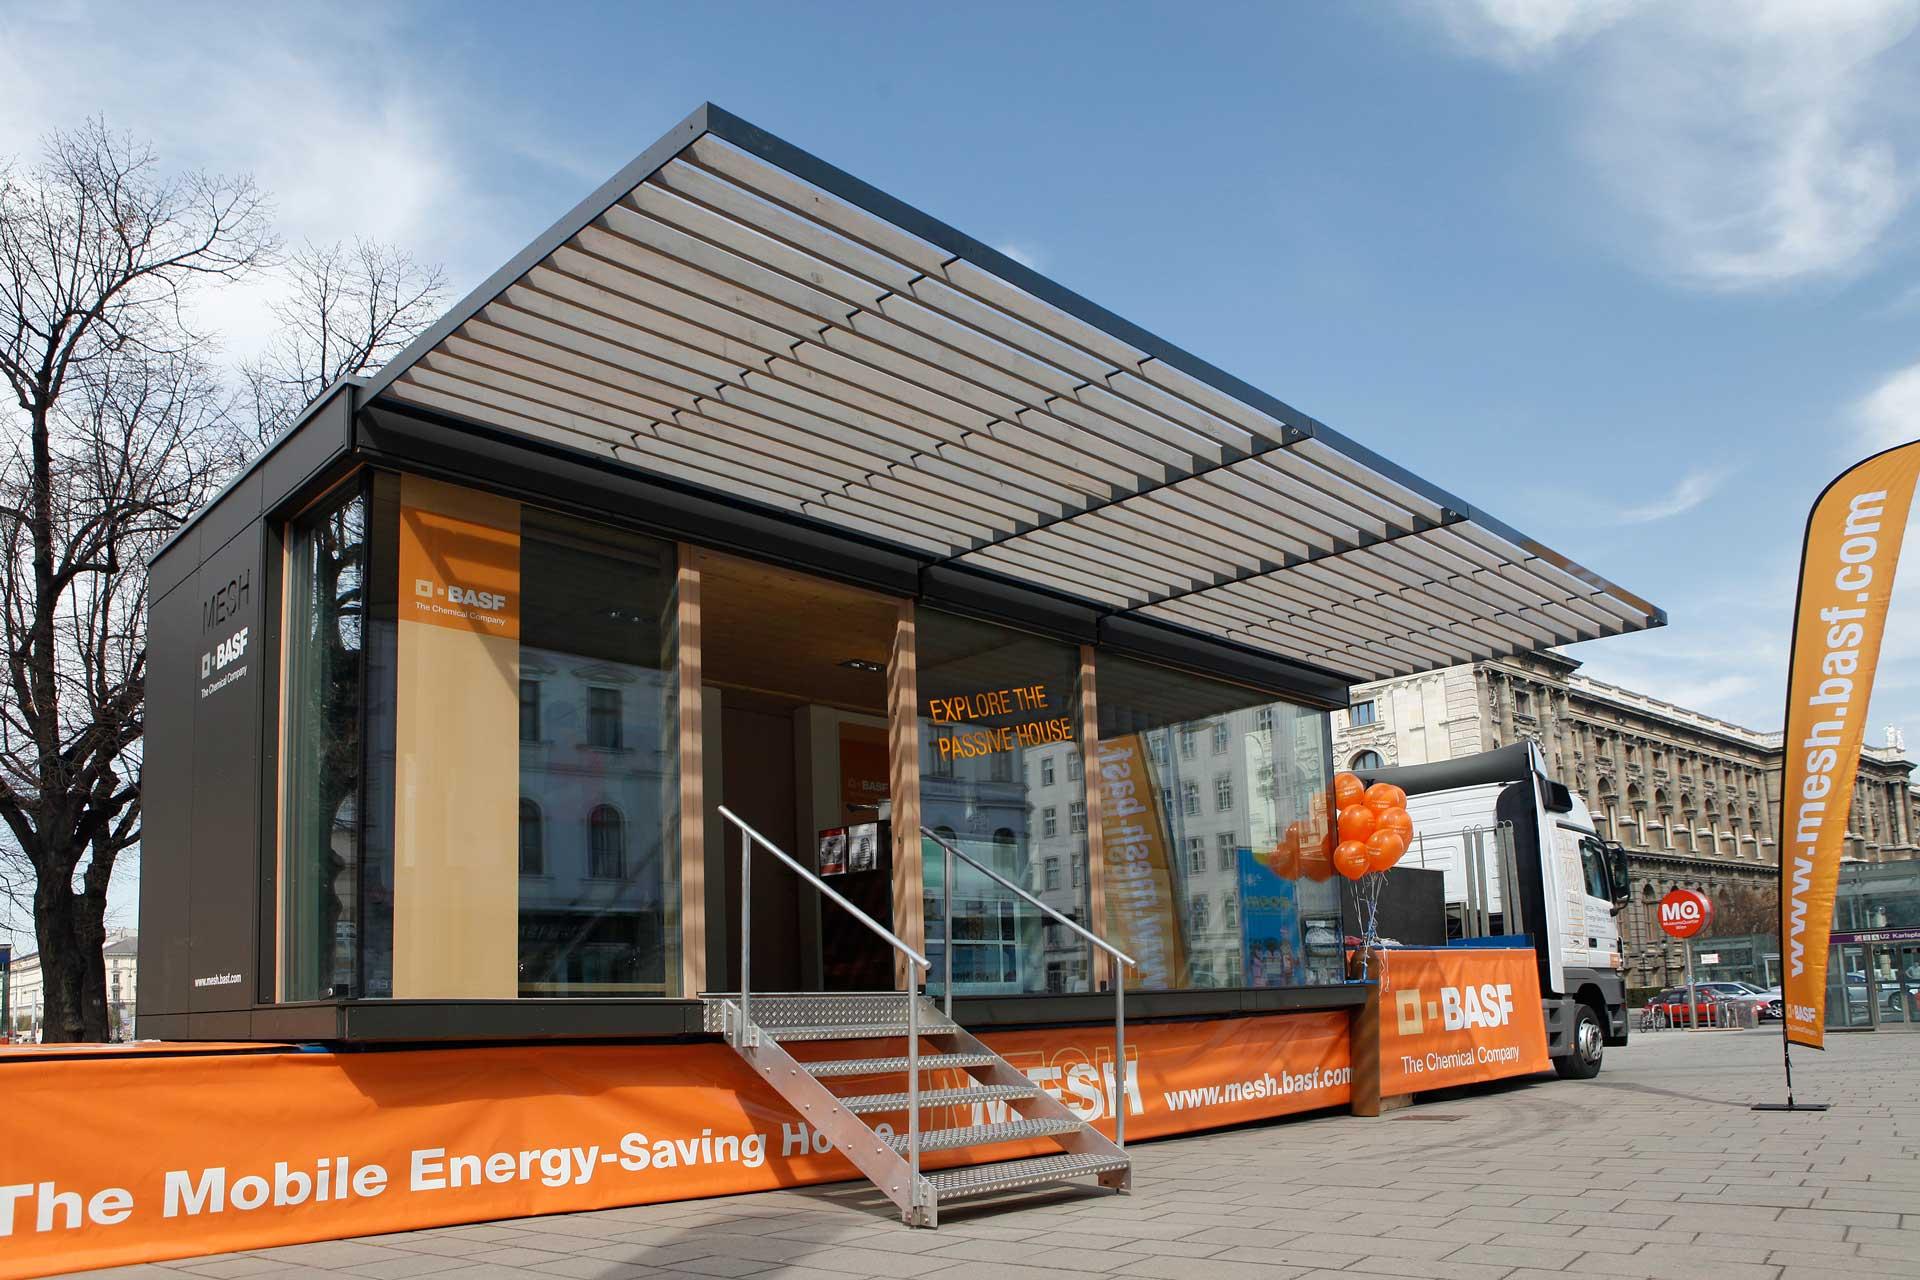 Agentur Ressmann Mannheim Kunden- und Markenauftritte